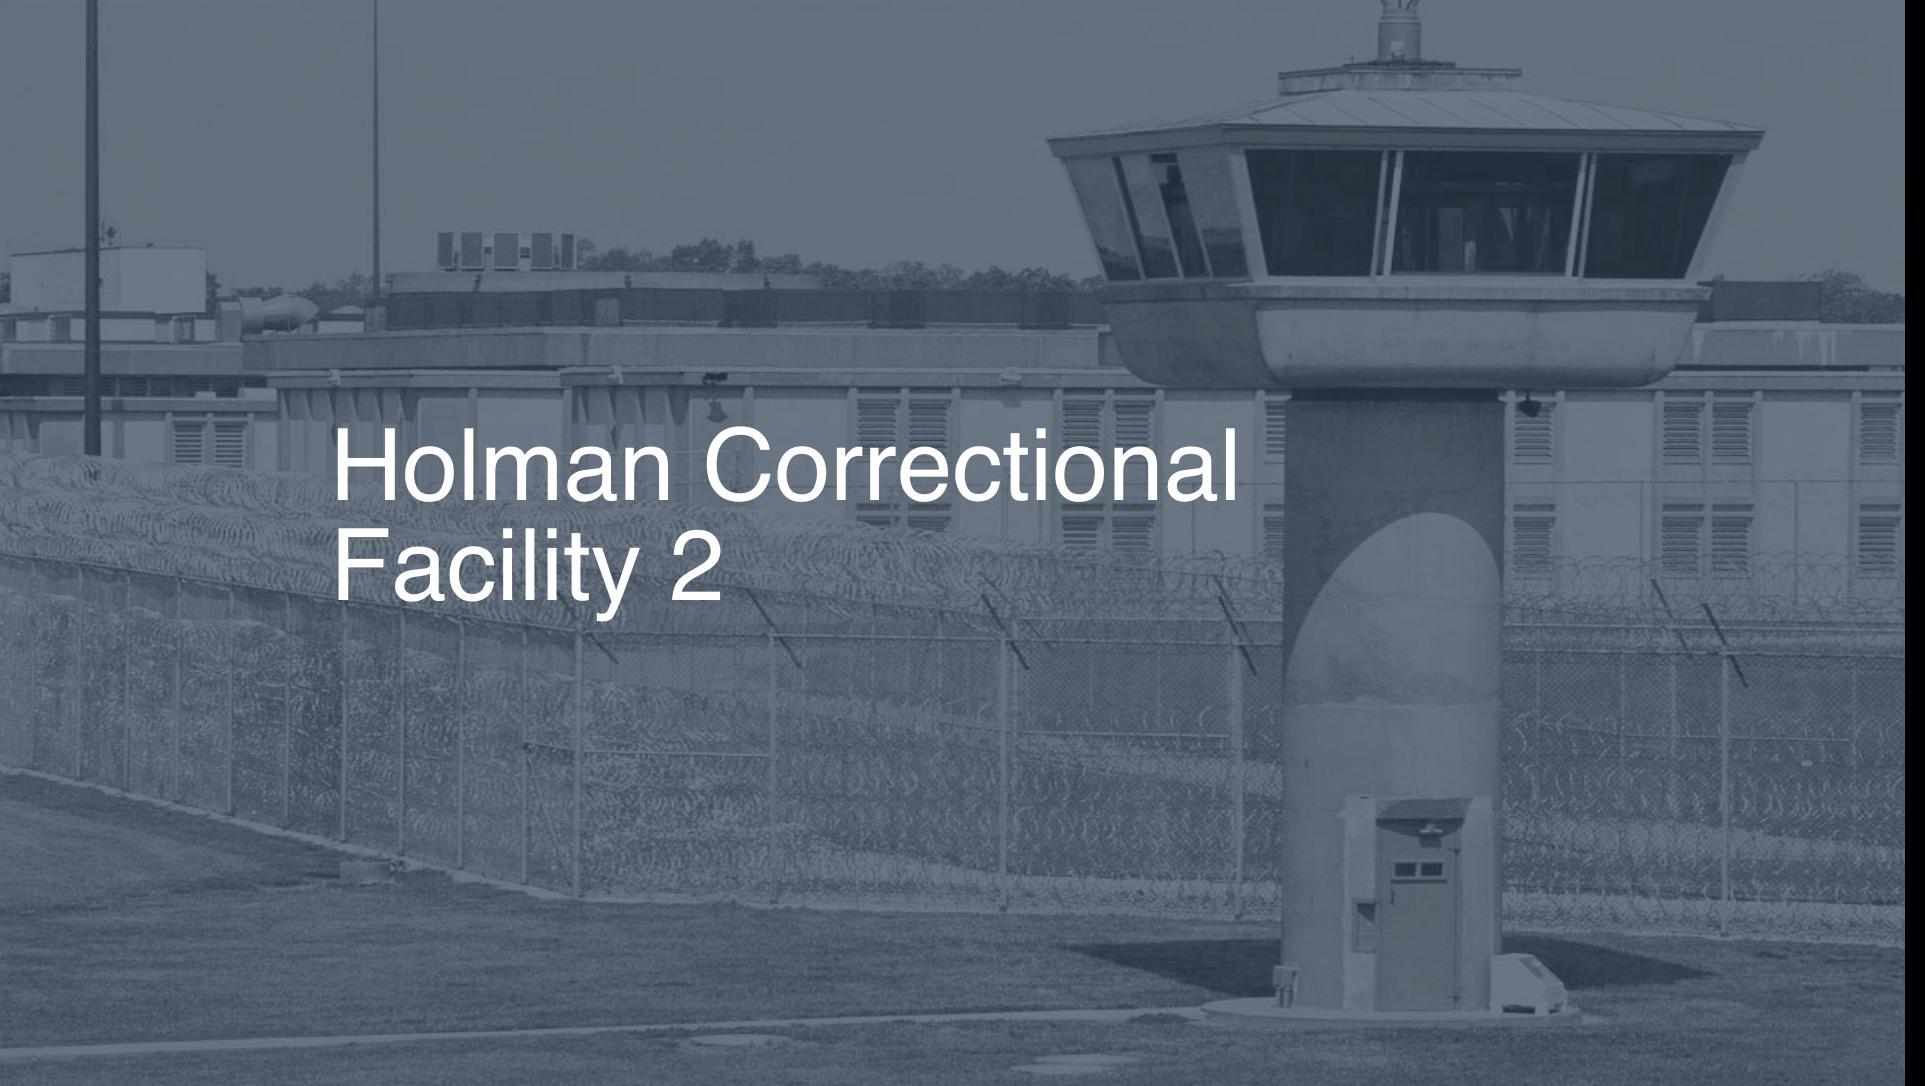 Holman Correctional Facility correctional facility picture